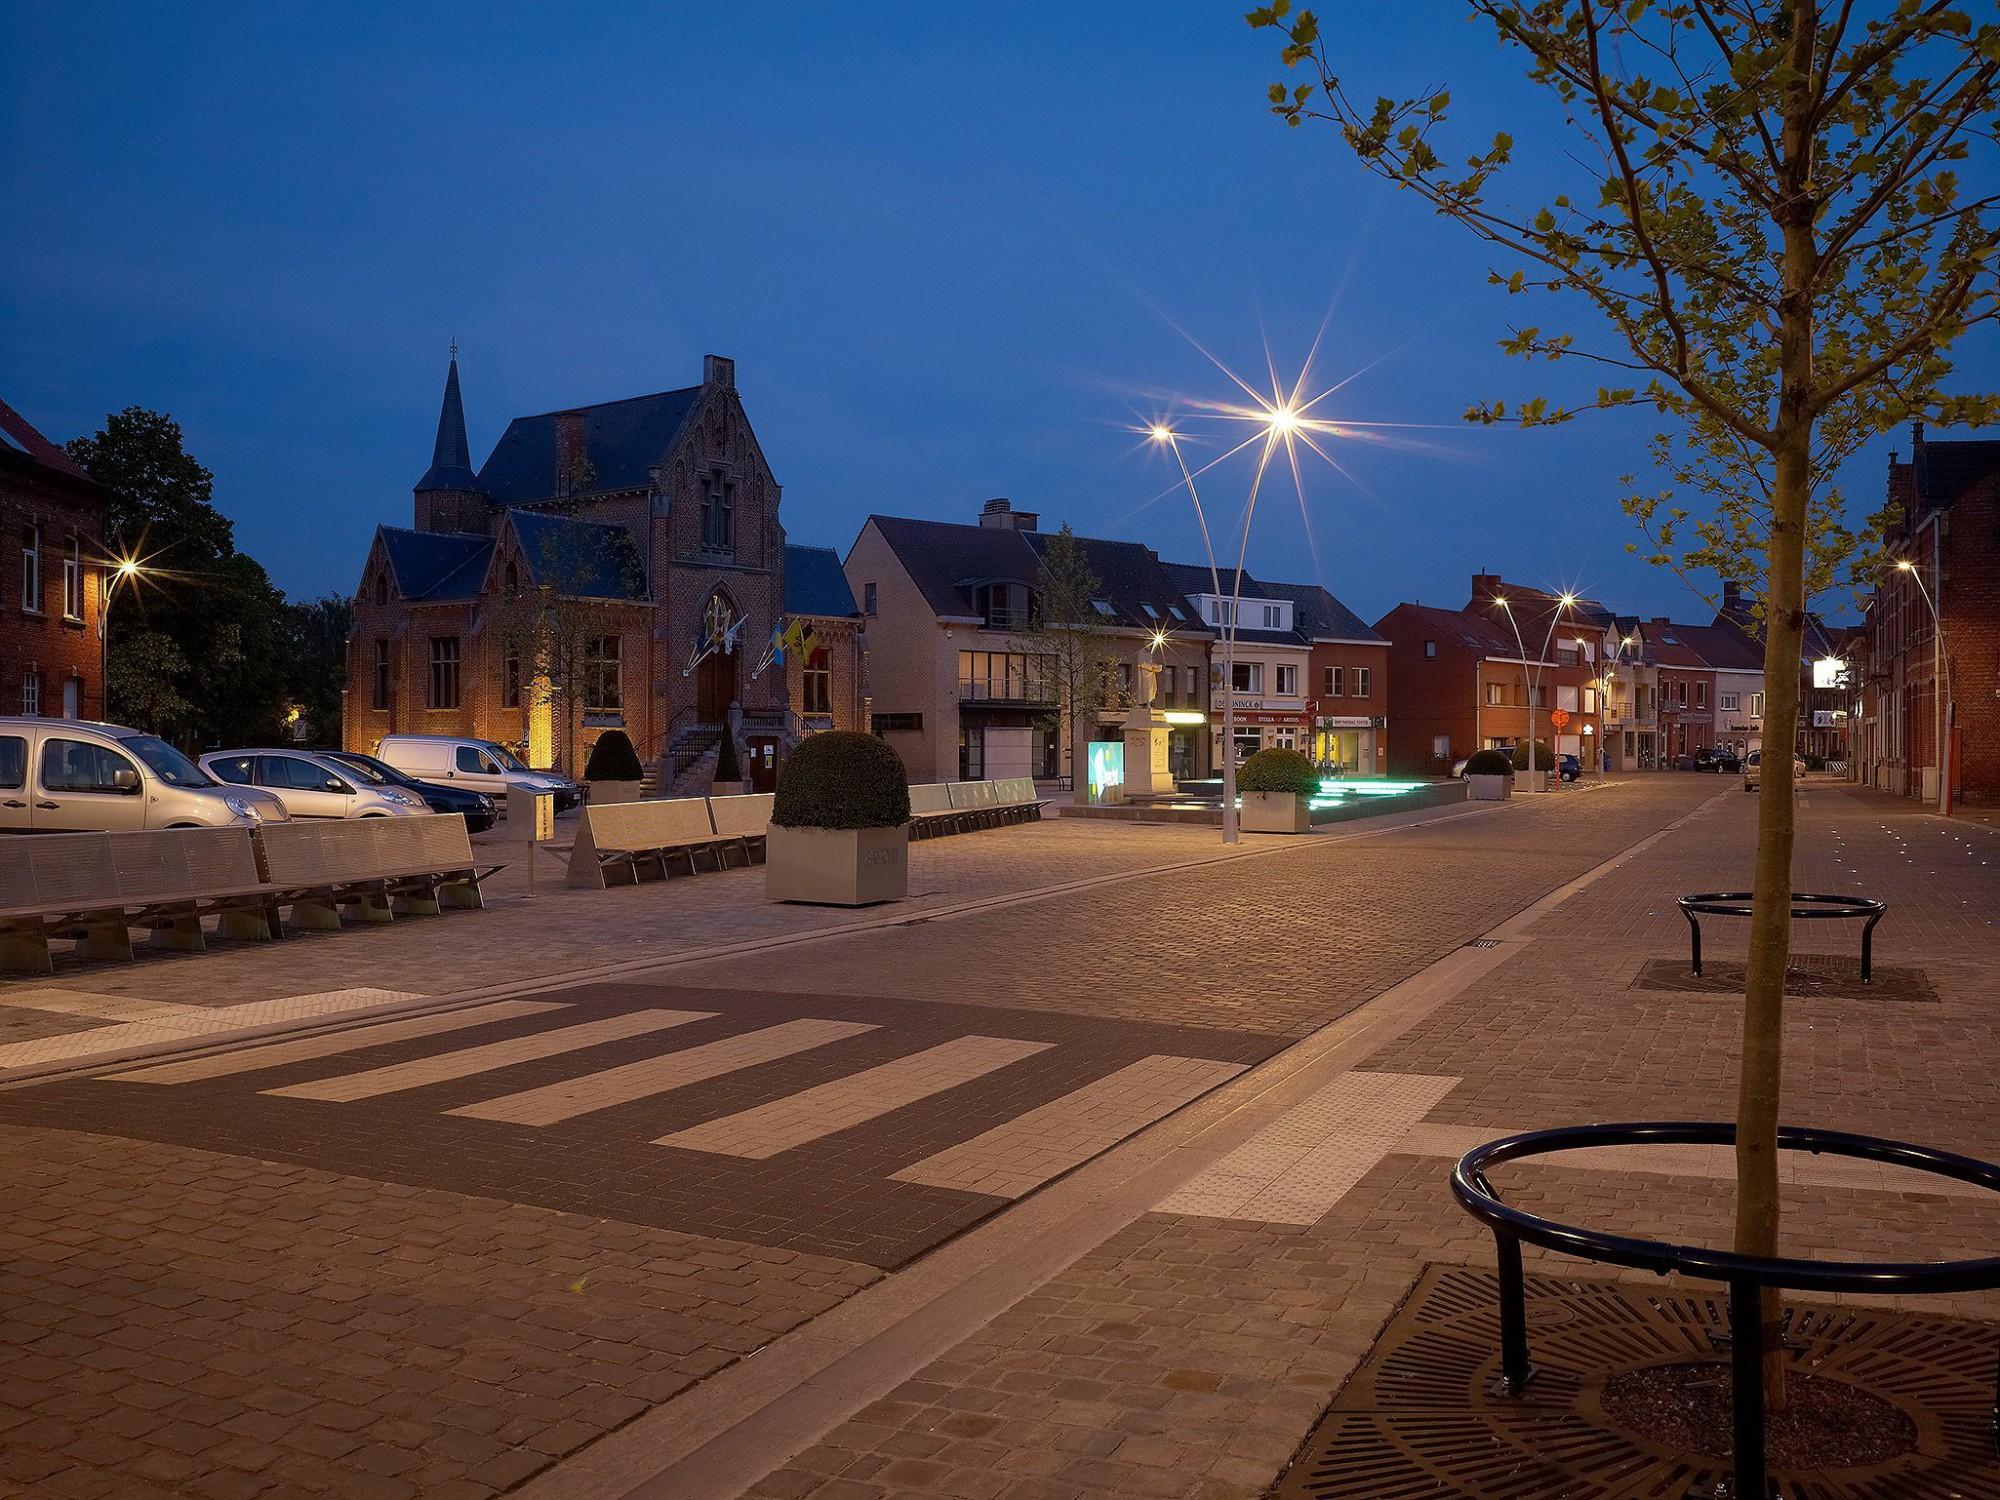 Afbeelding: Heraanleg dorpscentrum Brecht, door Adams Merksplas, landschapsfotografie foto Van Huffel.